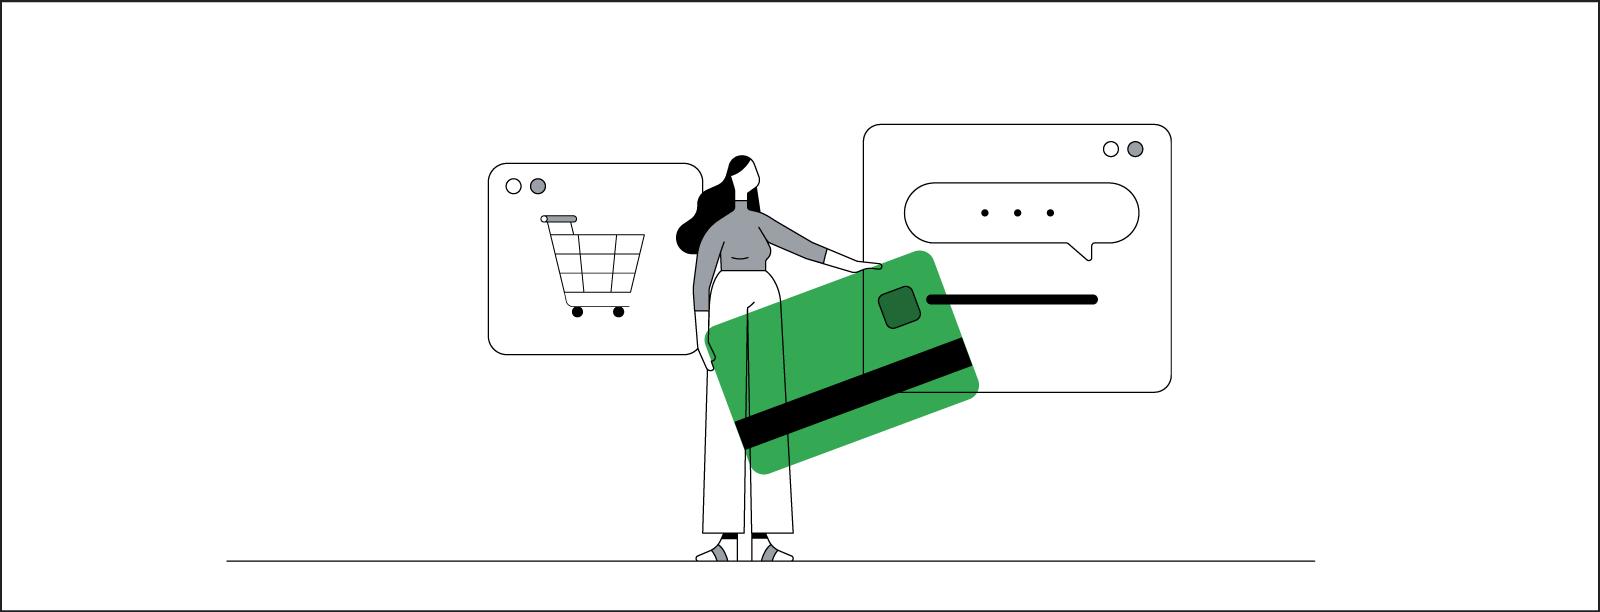 Birinde alışveriş sepeti ve diğerinde devam eden online sohbetin olduğu iki gerçek boyutlu tarayıcı penceresinin arasında duran uzun siyah saçlı bir kadını gösteren çizim. Kadın büyük bir kredi kartı taşıyor.